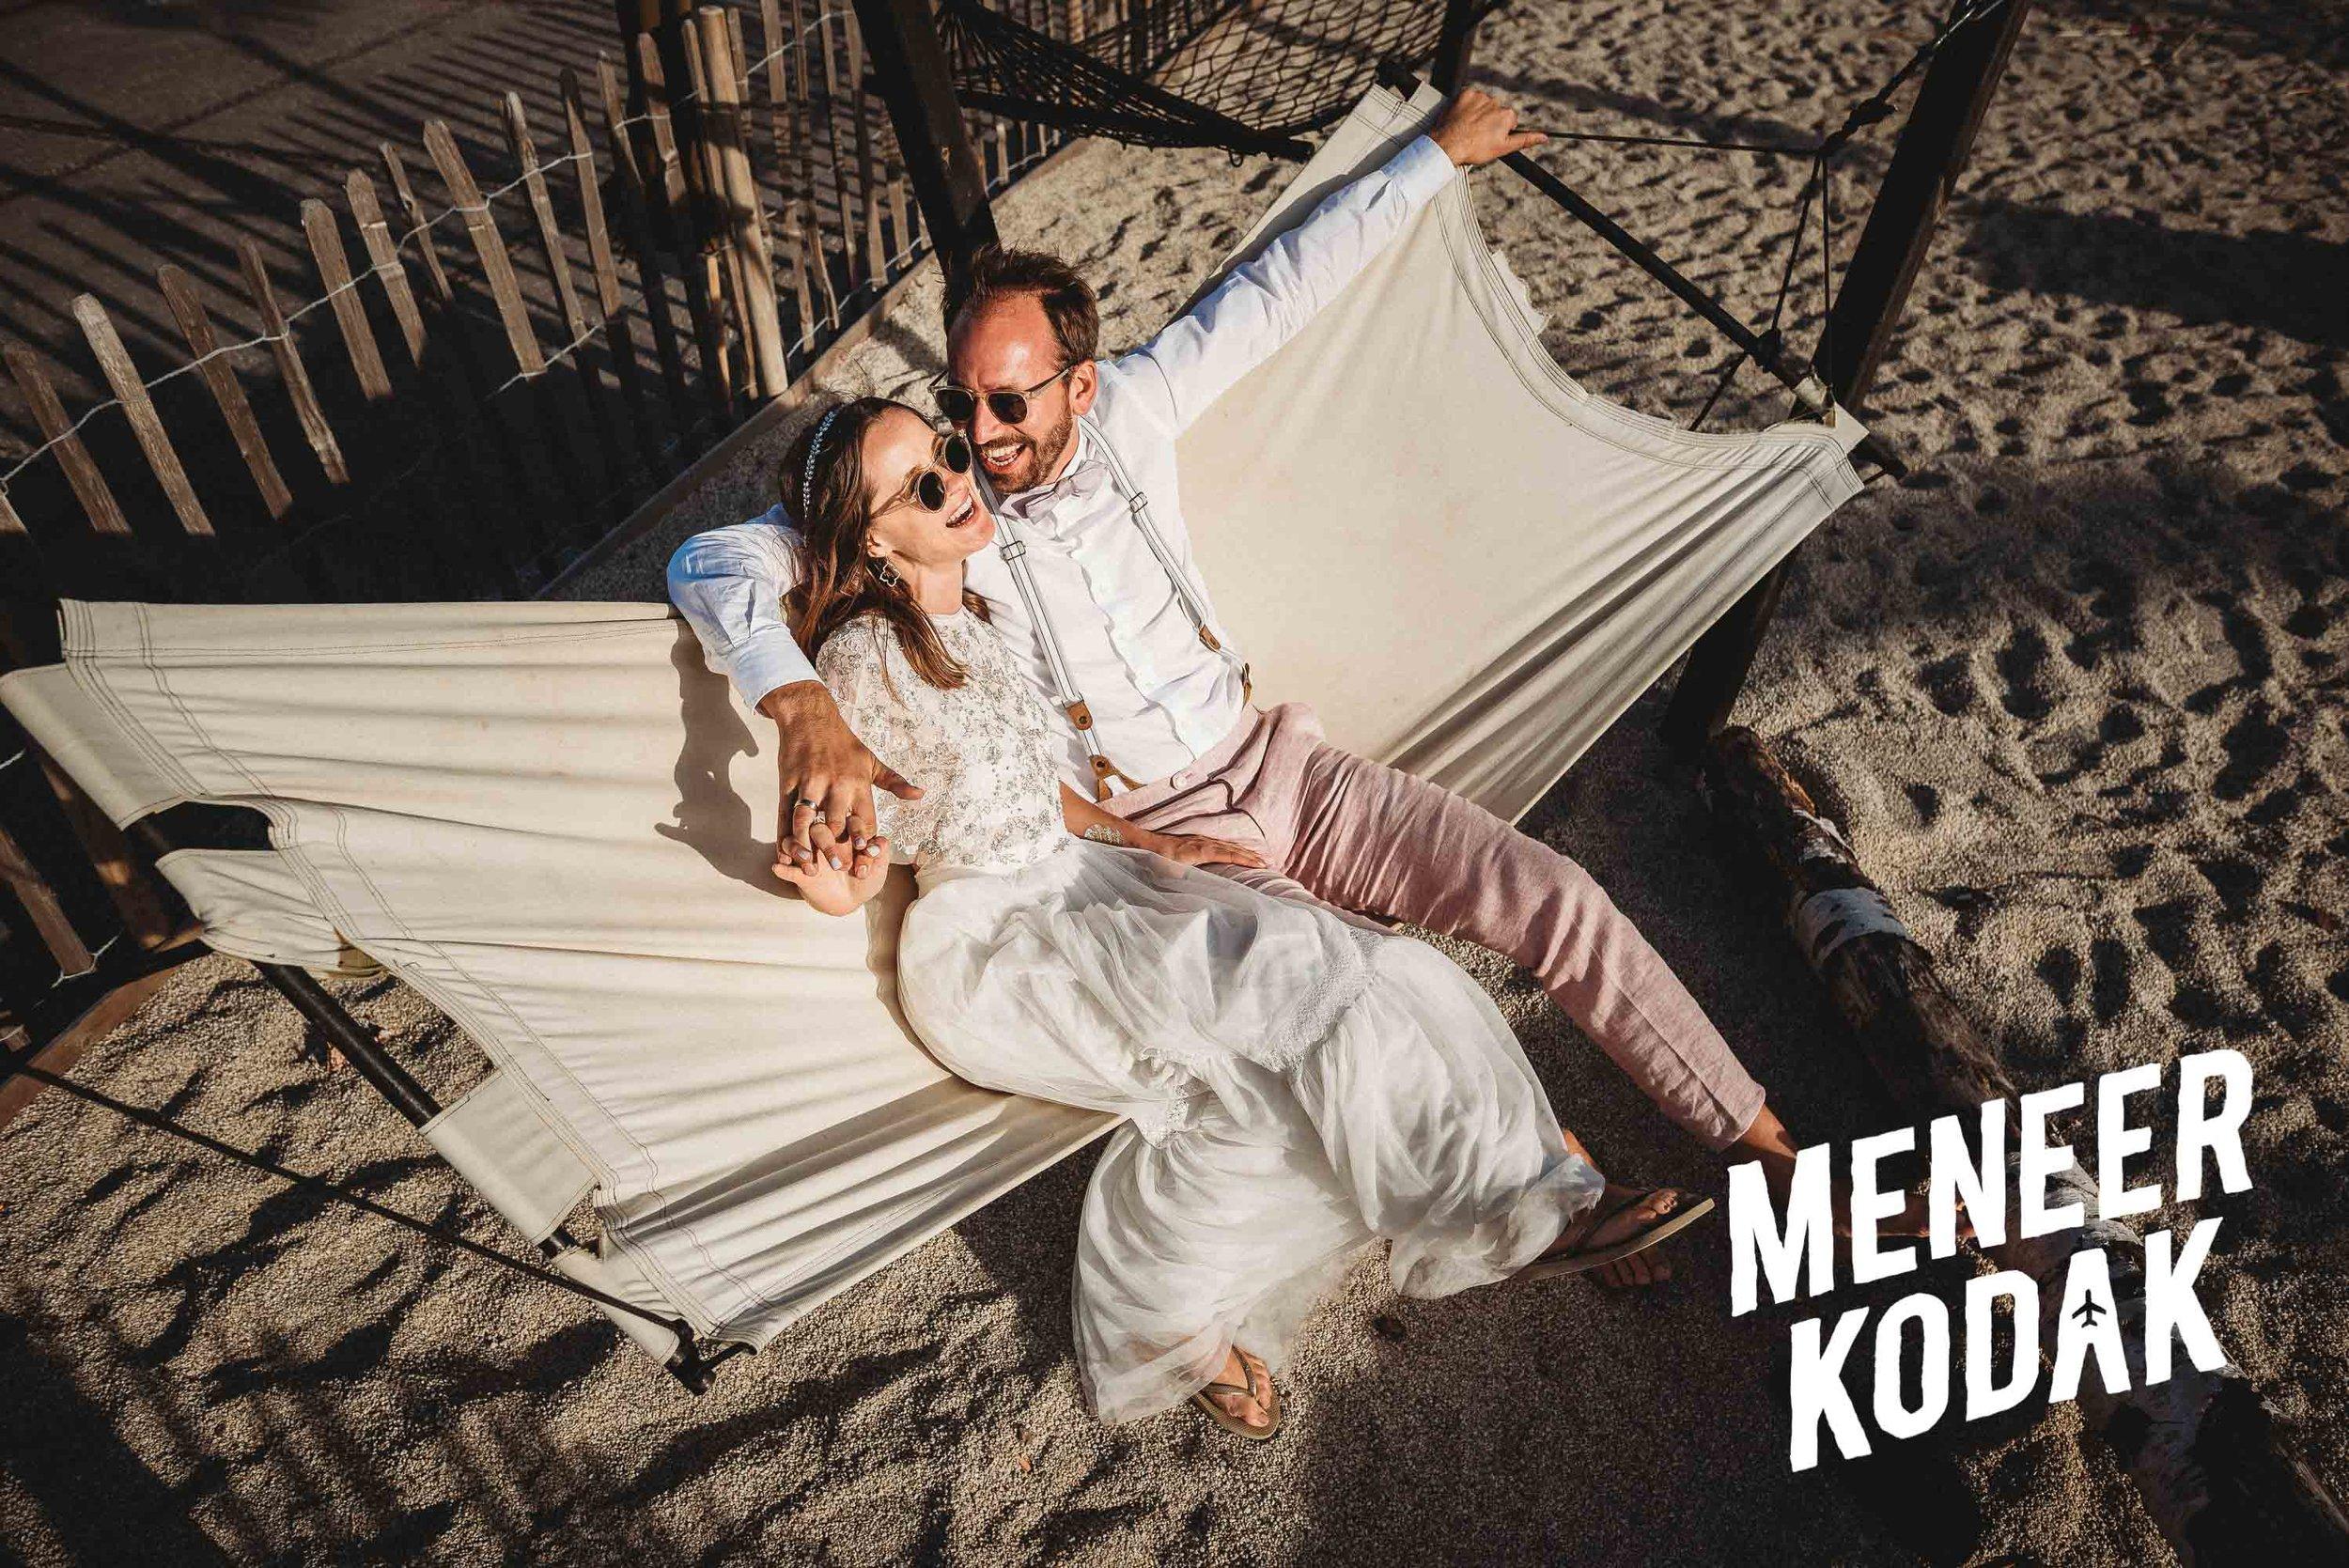 Meneer Kodak - Trouwfotograaf - Amsterdam - H&T-109.jpg